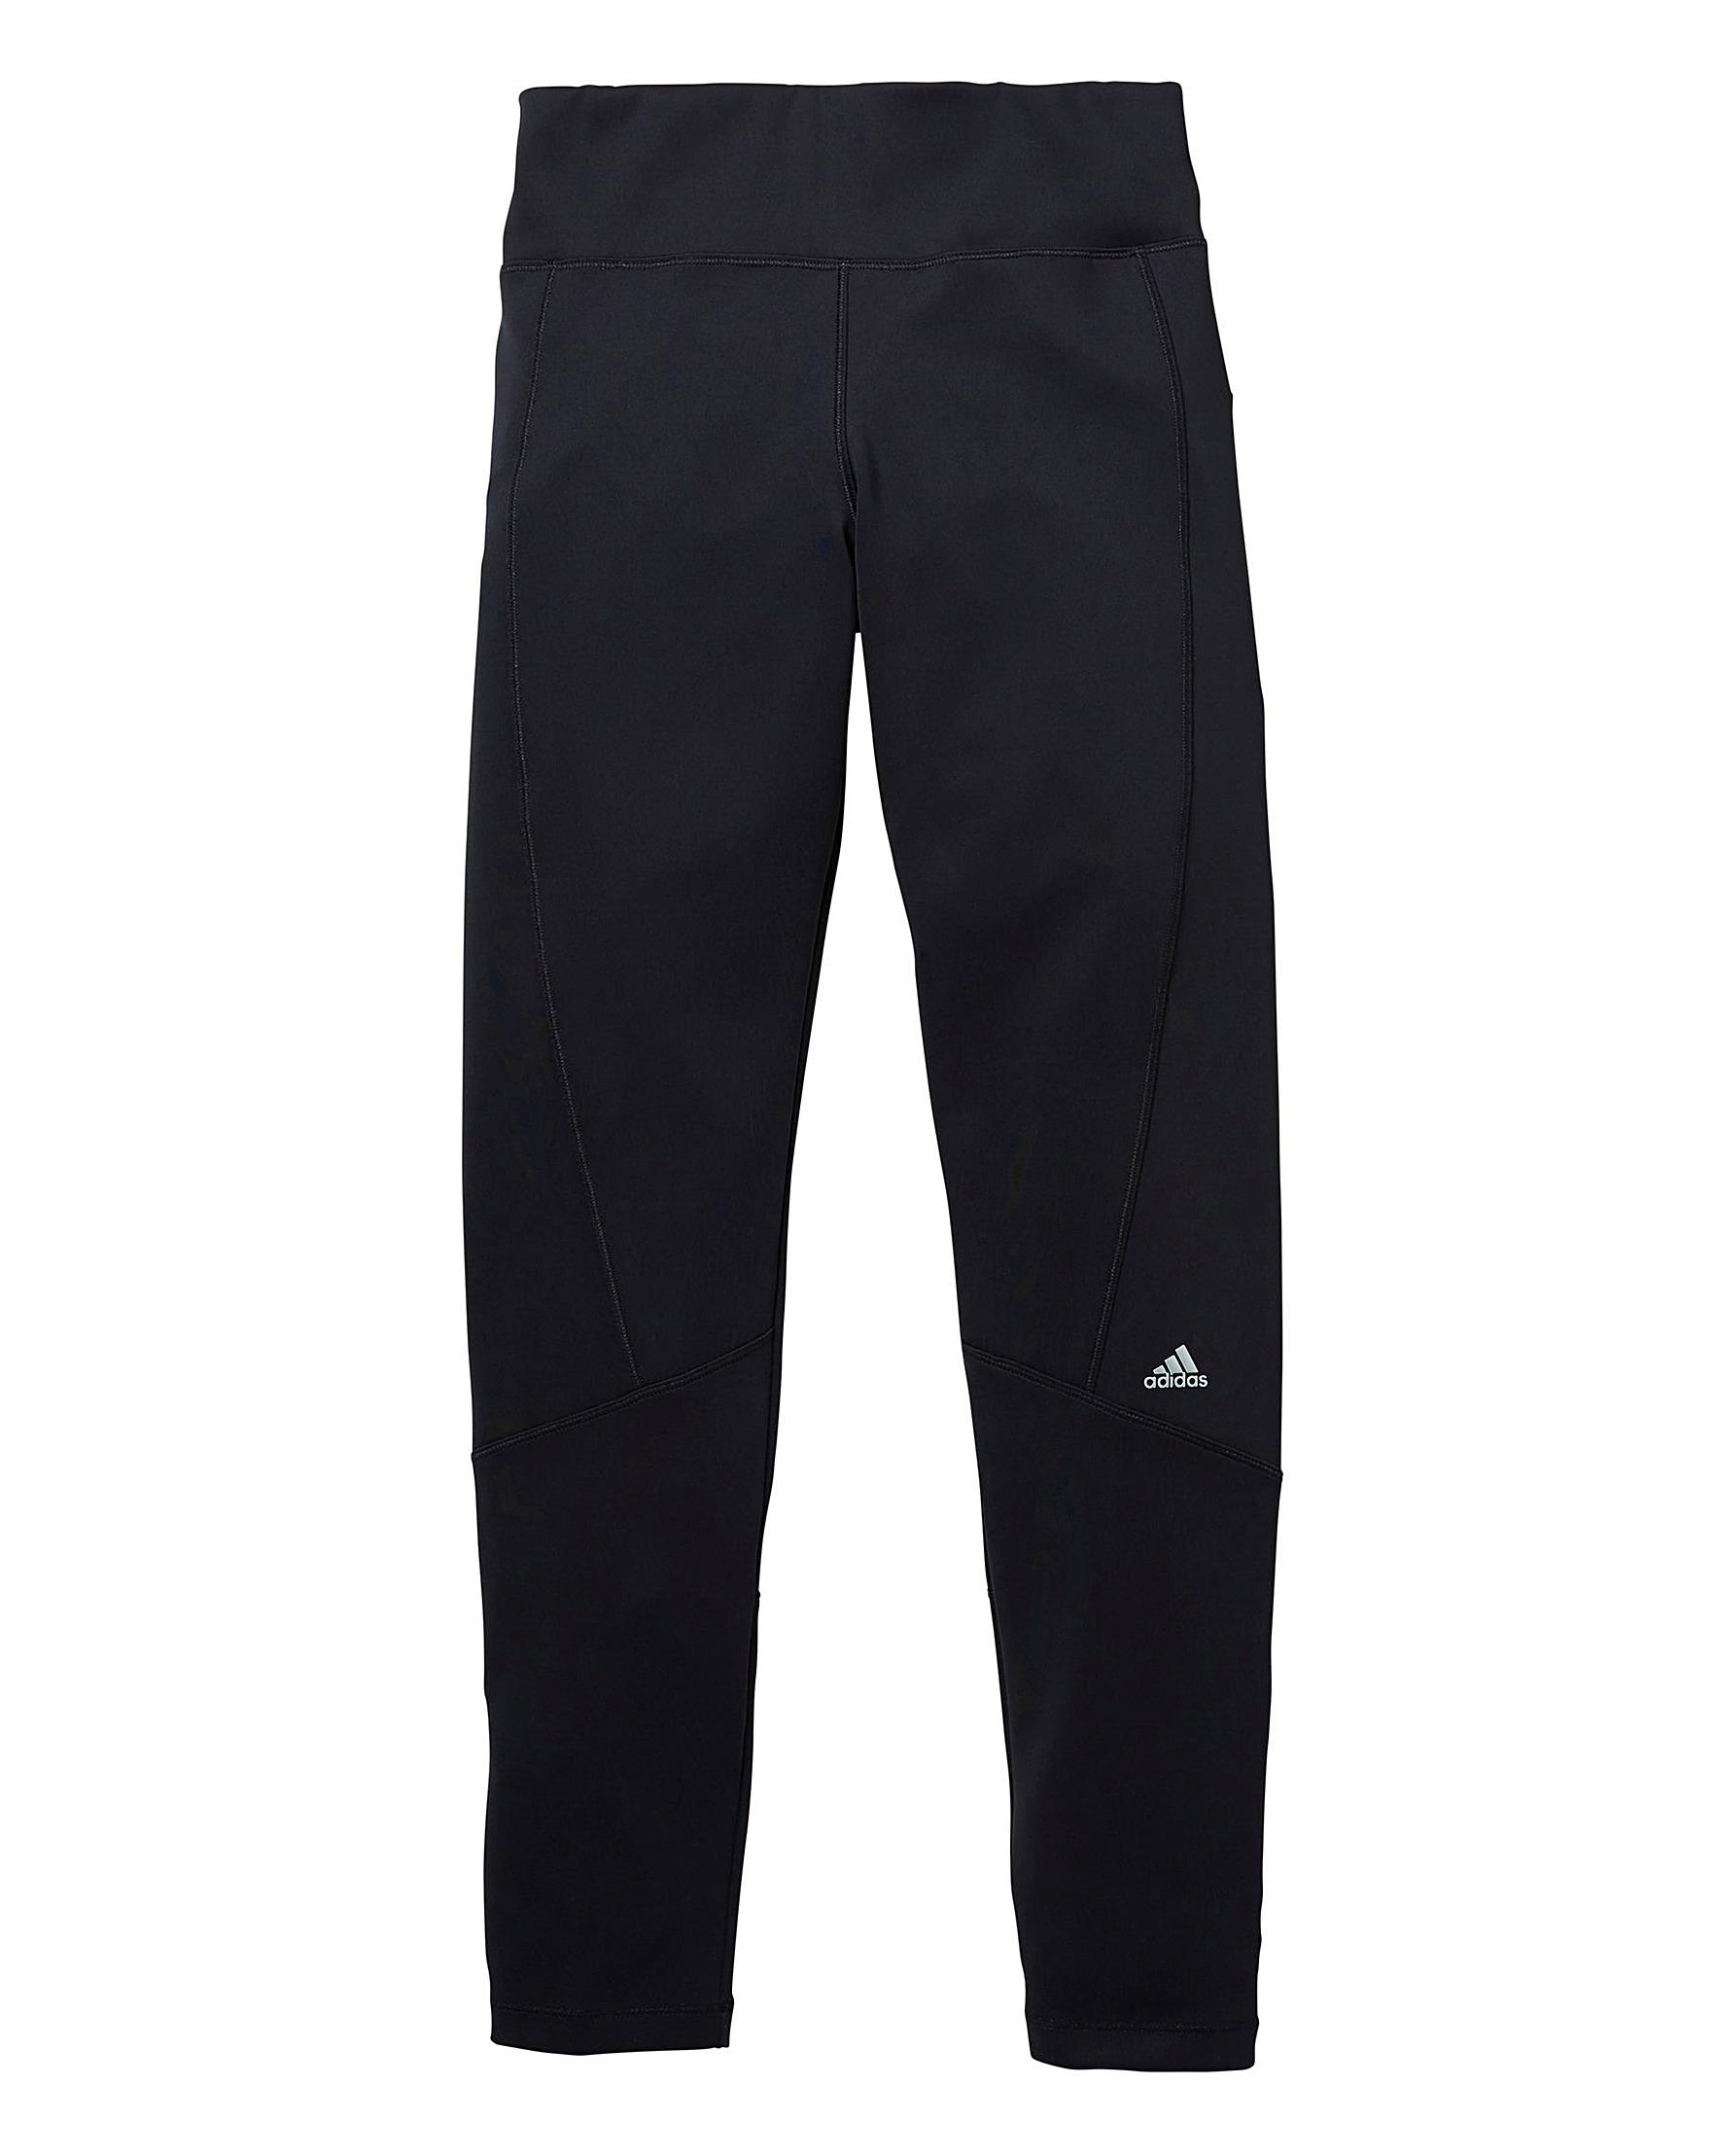 D Williams Girls Sports Leggings Adidas Black J TZqzWXW